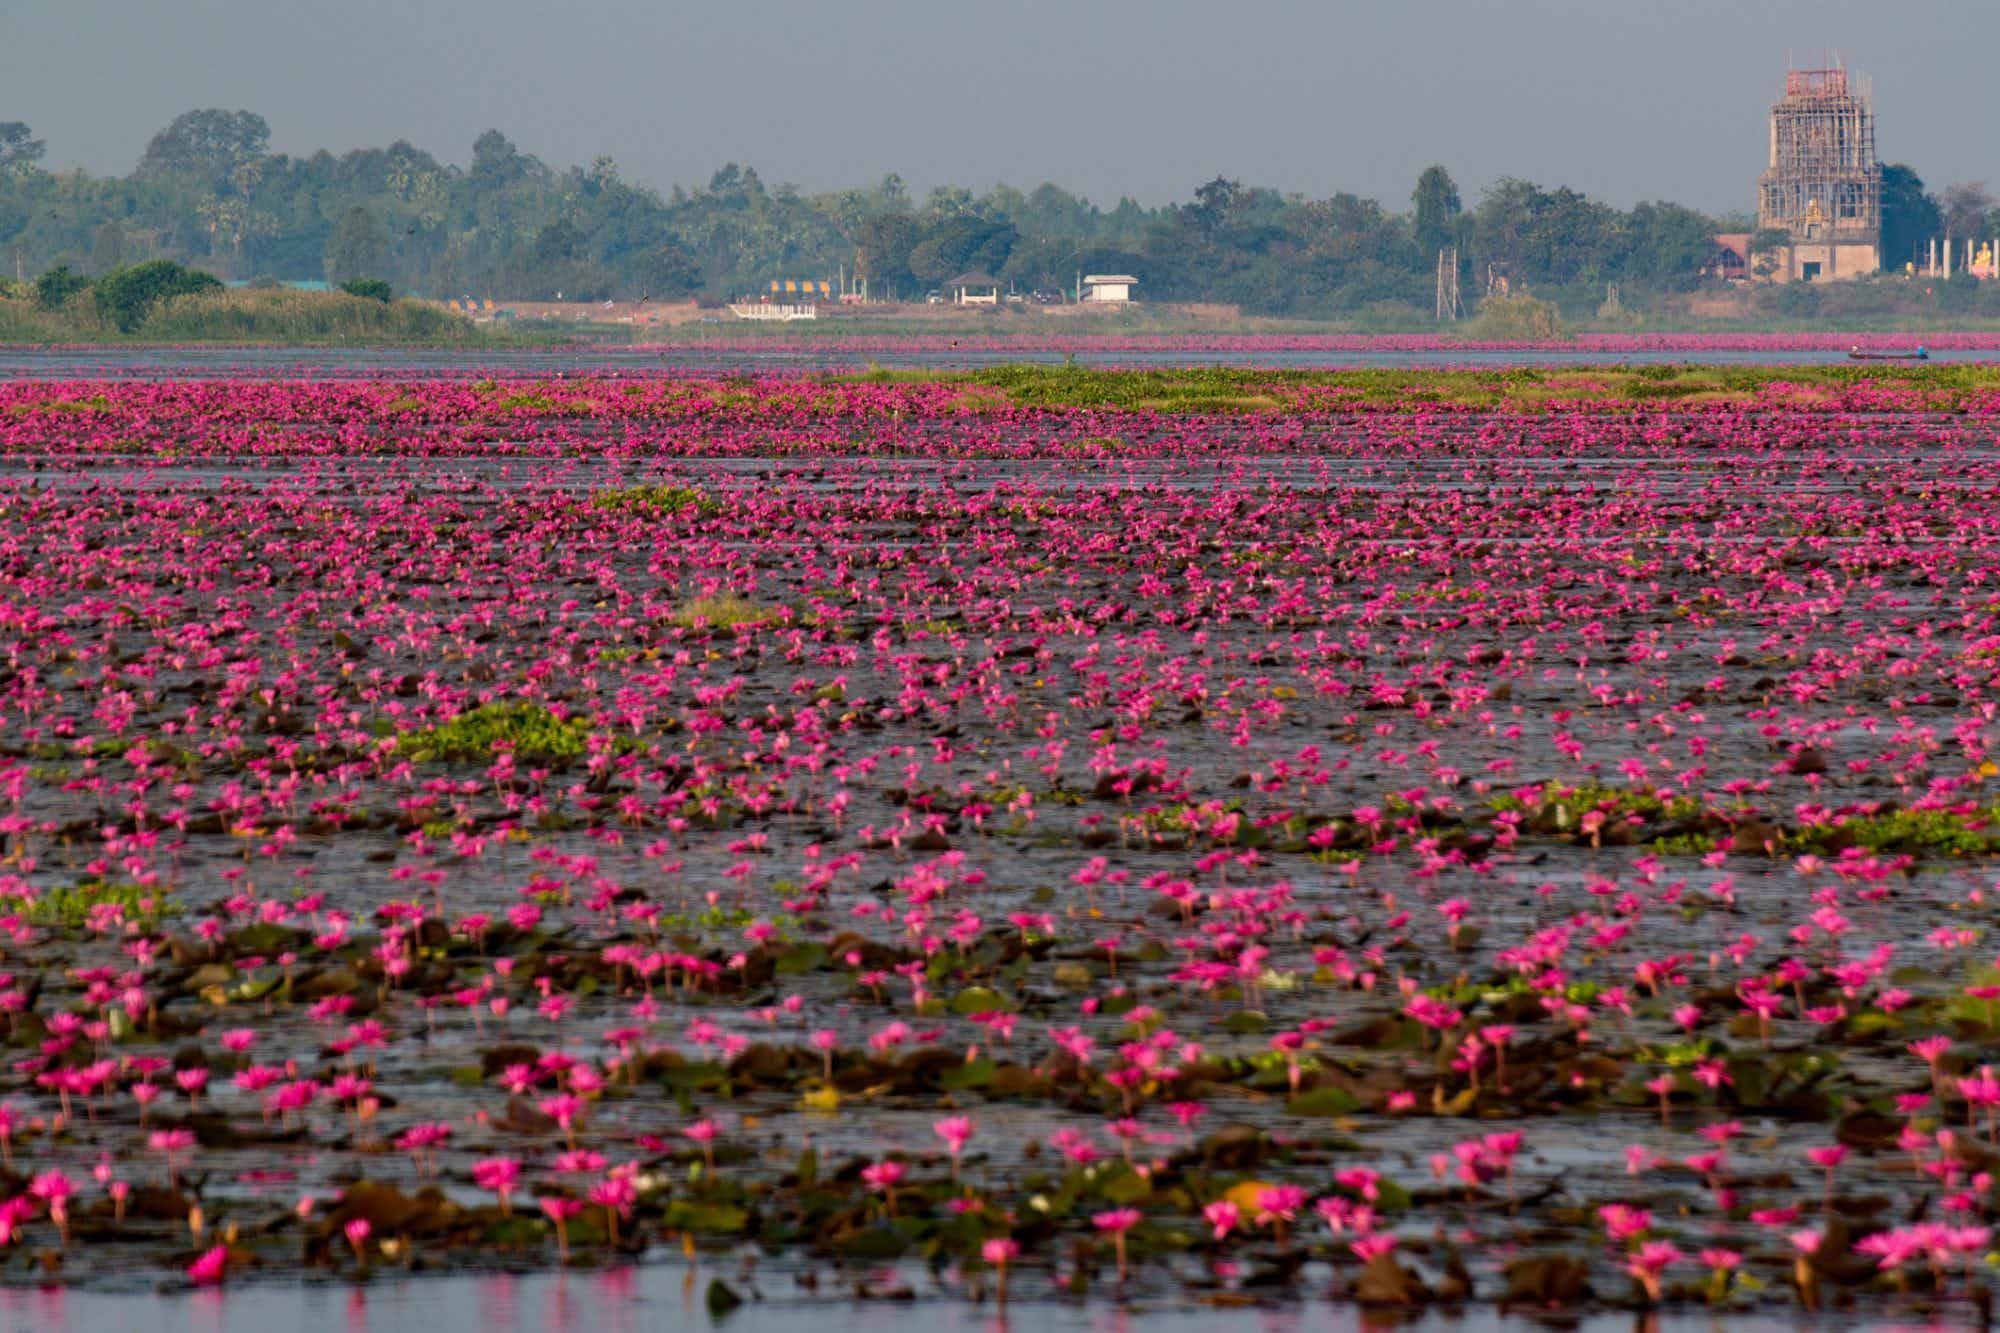 Instagram-worthy 'sea of red lotuses' in full bloom in Thailand